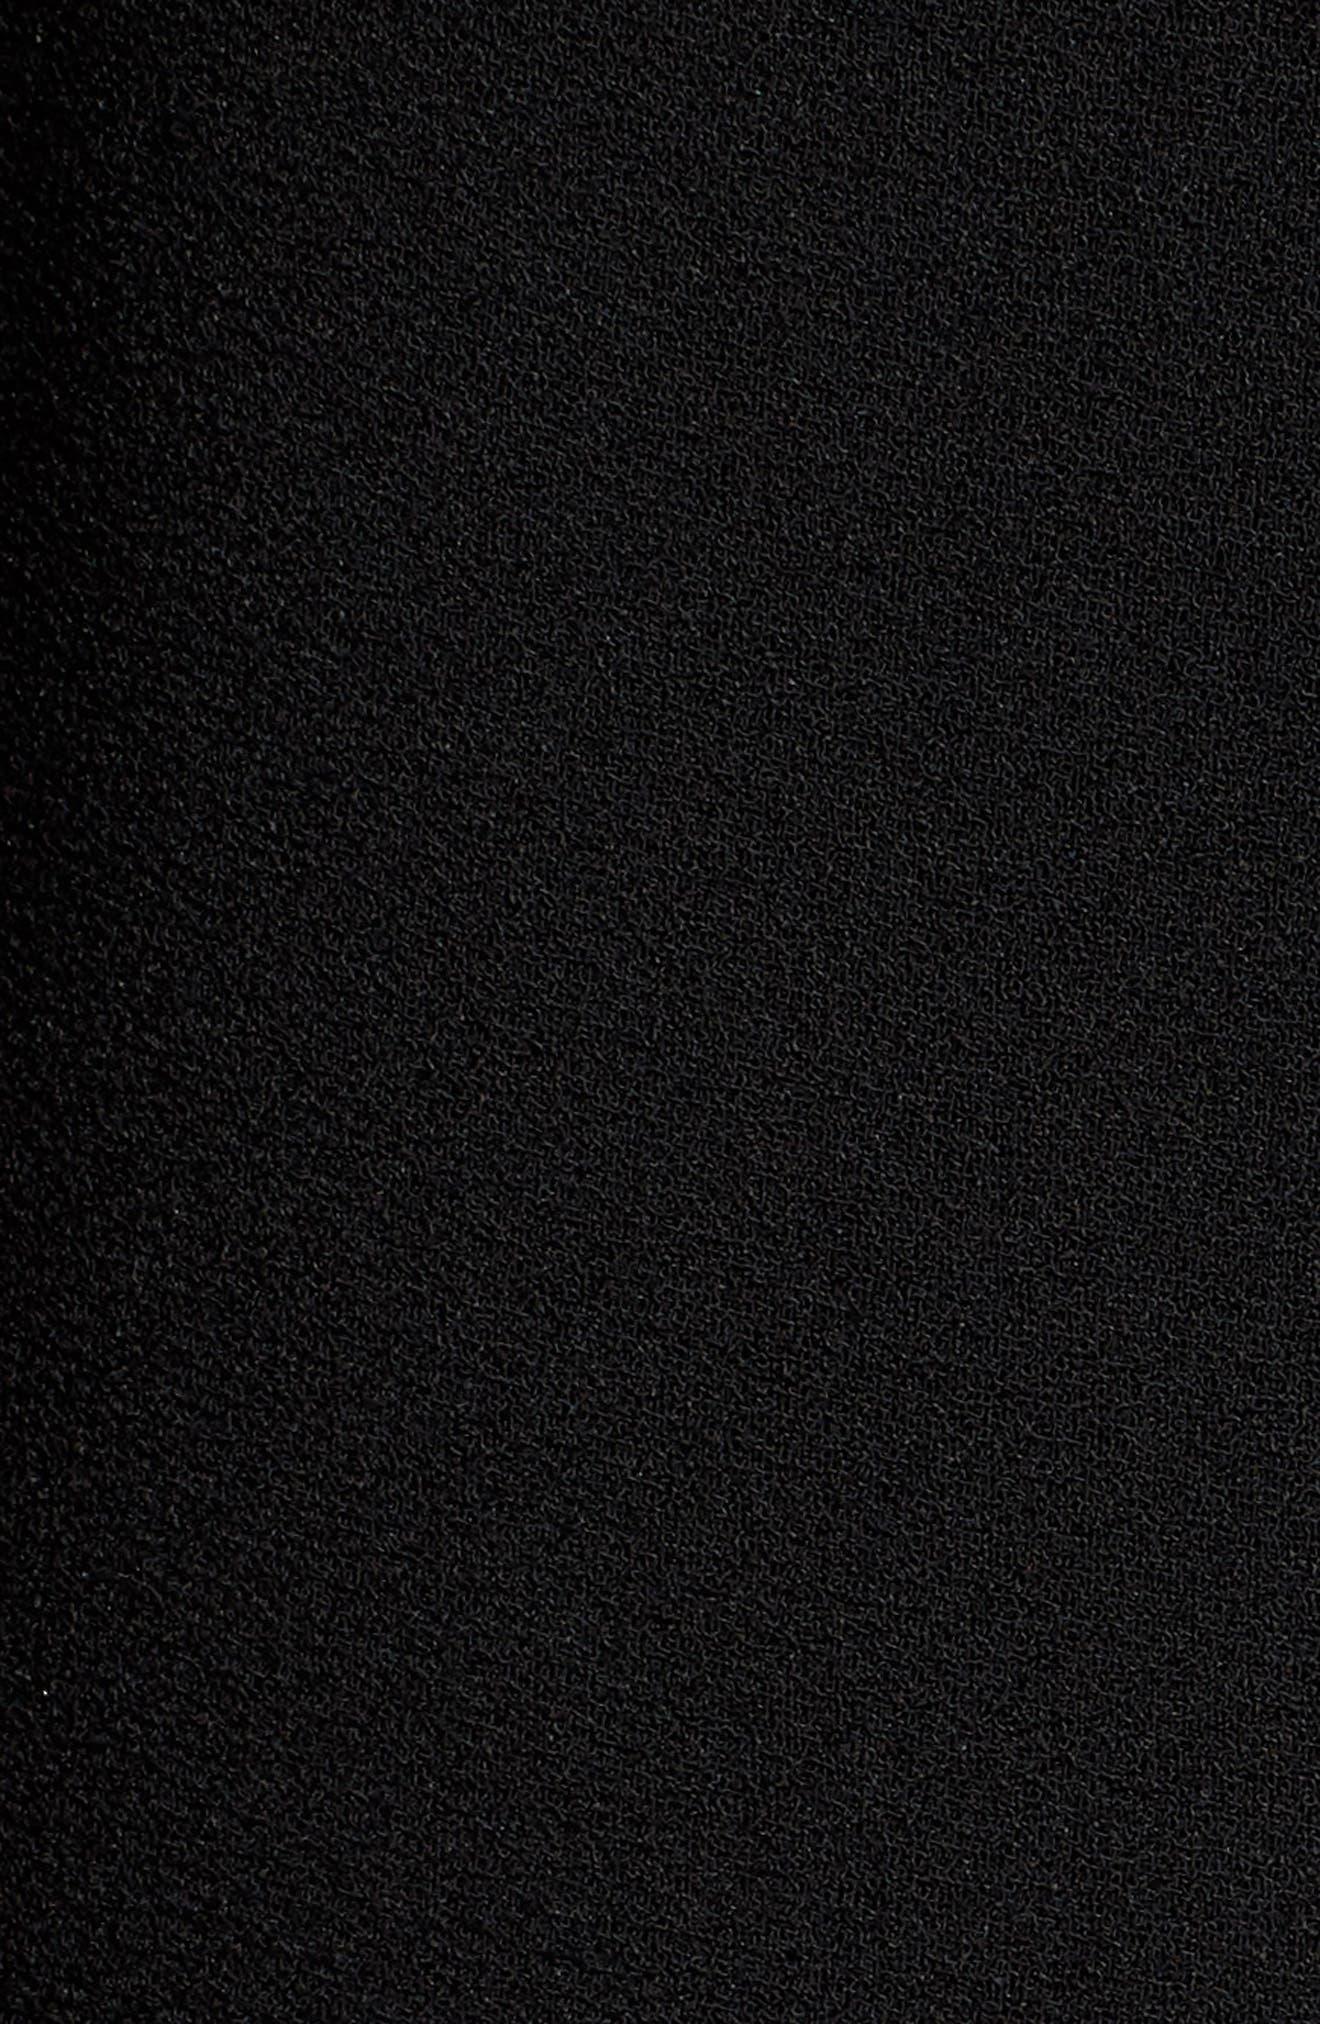 Jisala Compact Crepe Crop Jacket,                             Alternate thumbnail 6, color,                             001